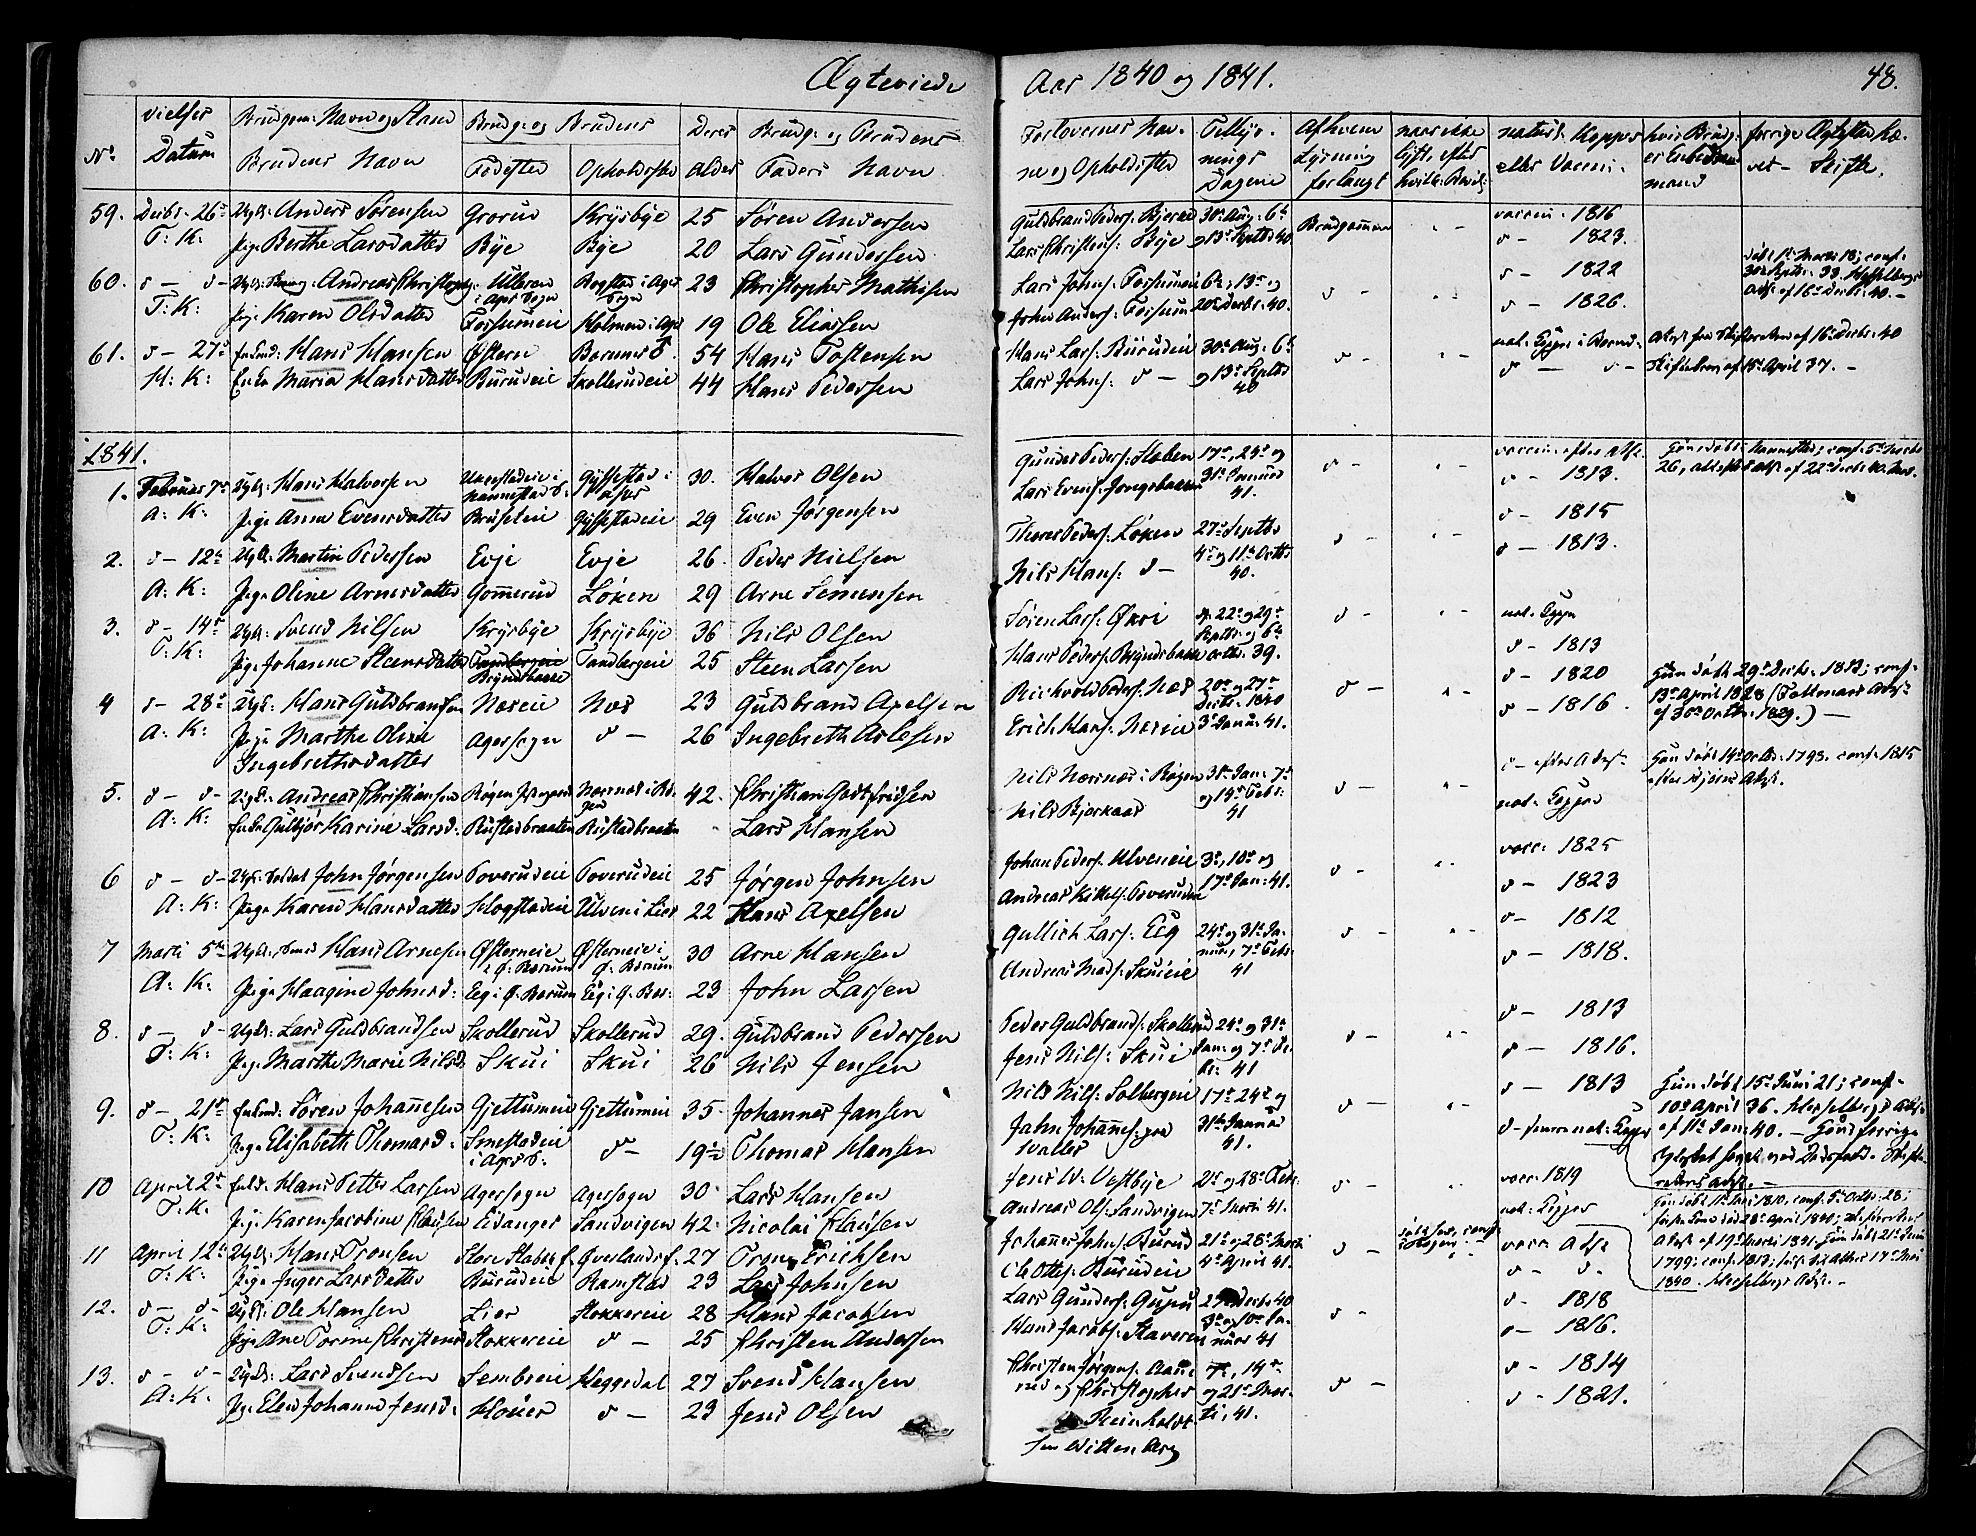 SAO, Asker prestekontor Kirkebøker, F/Fa/L0010: Ministerialbok nr. I 10, 1825-1878, s. 48